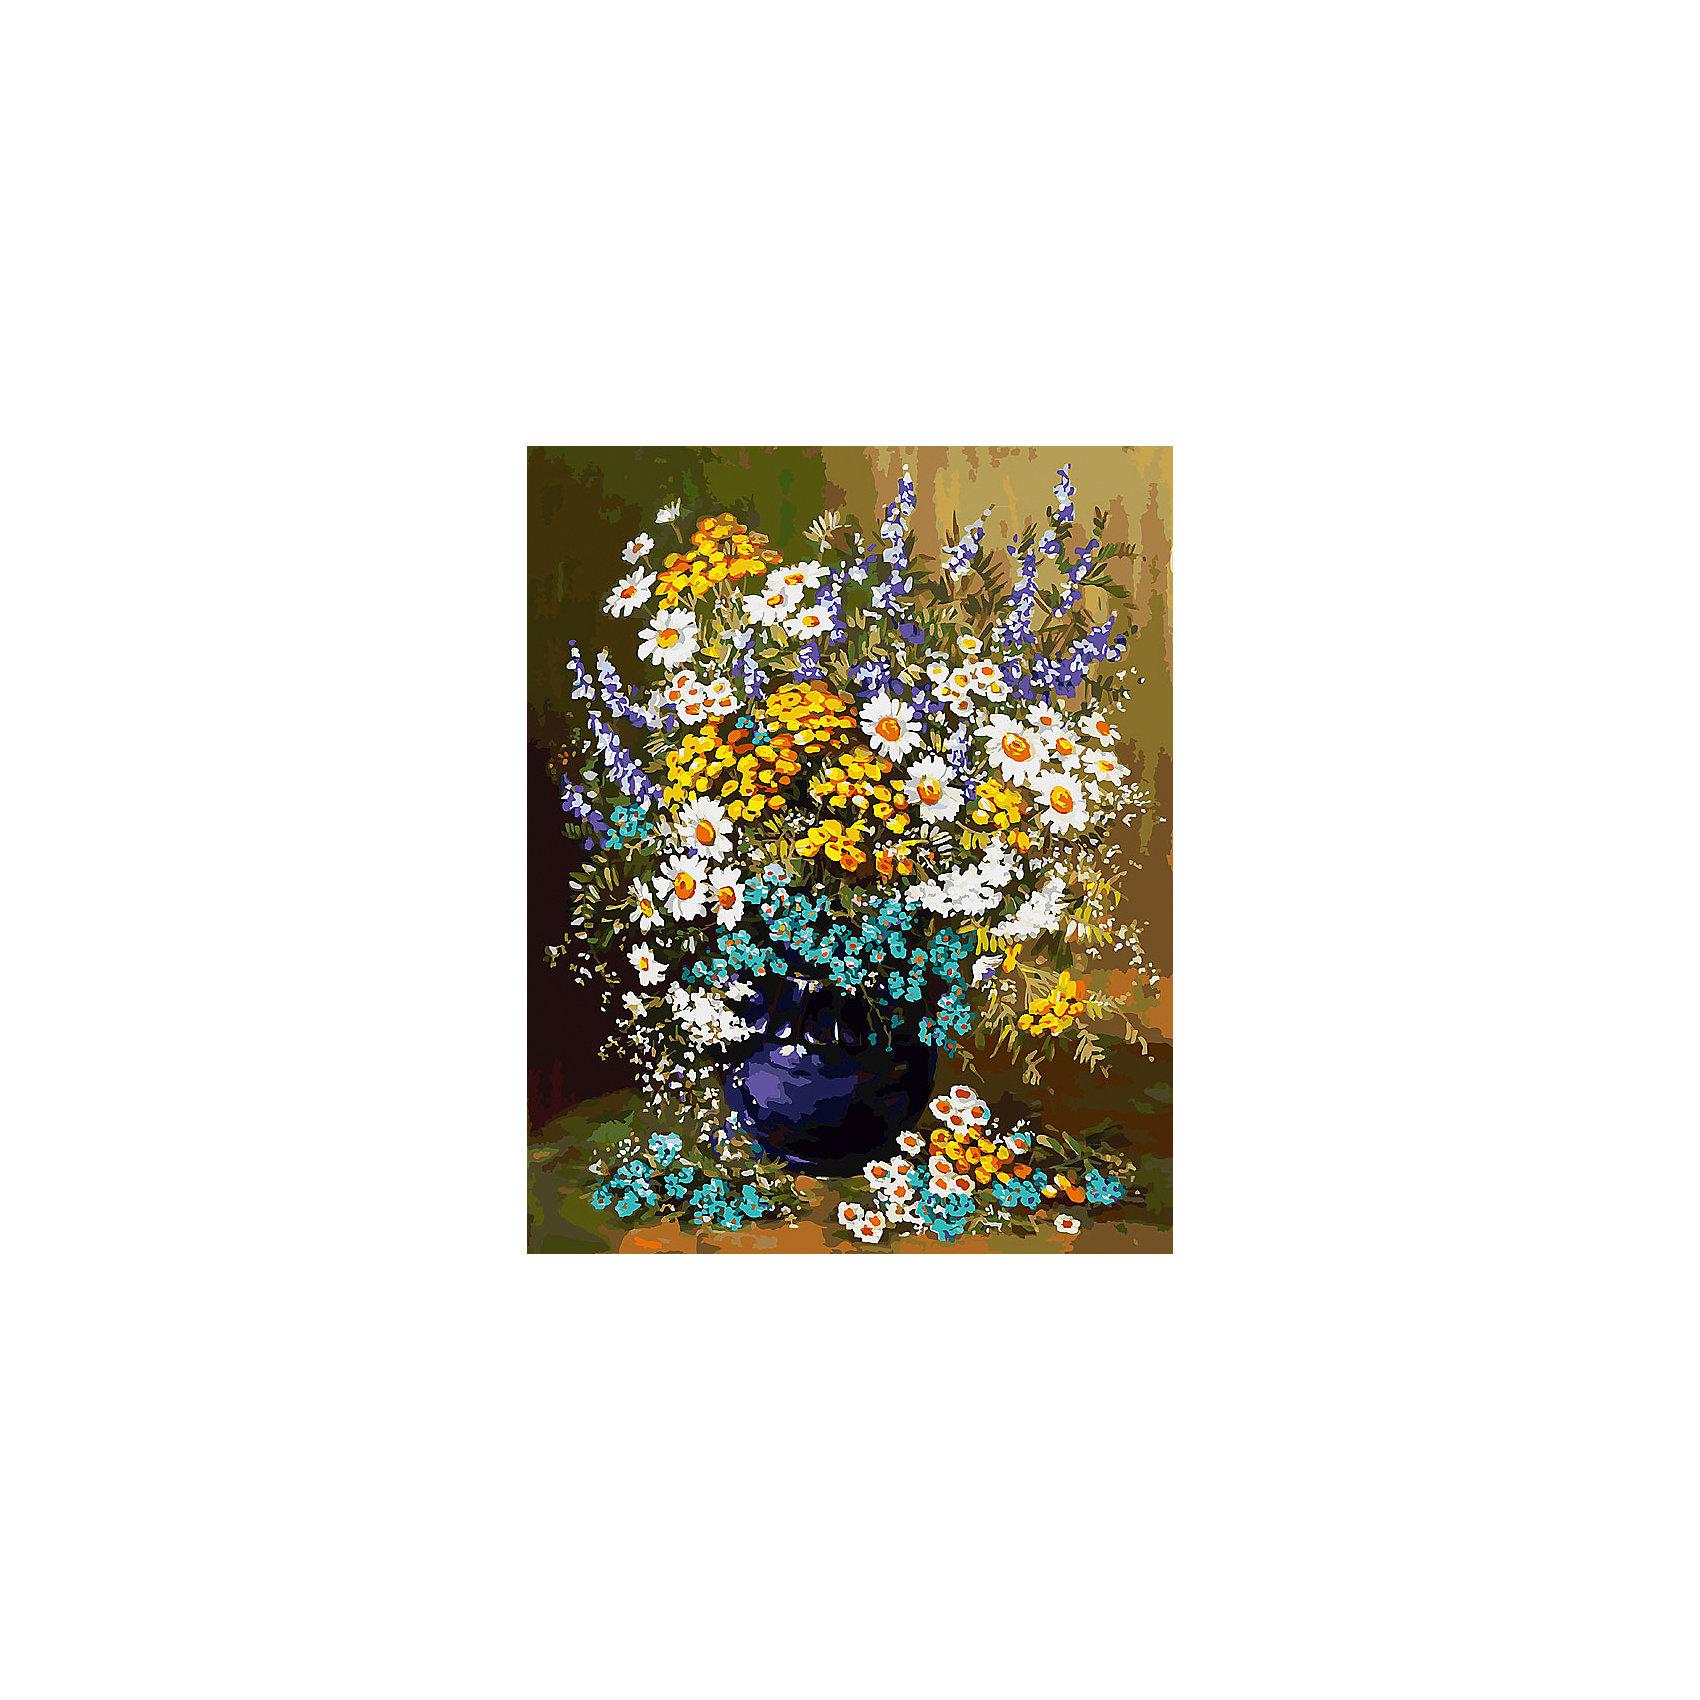 Живопись на холсте 40*50 см Букет полевых цветовРаскраски по номерам<br>Характеристики товара:<br><br>• цвет: разноцветный<br>• материал: акрил, картон<br>• размер: 50 x 40 см<br>• комплектация: полотно на подрамнике с контурами рисунка, пробный лист с рисунком, набор акриловых красок, три кисти, крепление на стену для картины<br>• для детей от шести лет и взрослых<br>• не требует специальных навыков<br>• страна бренда: Китай<br>• страна изготовитель: Китай<br><br>Такой набор станет отличным подарком и для взрослого, и для ребенка! Рисование помогает развить различные навыки и просто приносит удовольствие! Чтобы вселить в ребенка уверенность в своих силах, можно предложить ему этот набор - в нем уже есть сюжет, контуры рисунка и участки с номерами, которые обозначают определенную краску из набора. Все оттенки уже готовы, задача художника - аккуратно, с помощью кисточек из набора, нанести краски на определенный участок полотна.<br>Взрослым также понравится этот процесс, рисовать можно и вместе с малышом! В итоге получается красивая картина, которой можно украсить интерьер. Рисование способствует развитию мелкой моторики, воображения, цветовосприятия, творческих способностей и усидчивости. Набор отлично проработан, сделан из качественных и проверенных материалов, которые безопасны для детей. Краски - акриловые, они быстро сохнут и легко смываются с кожи.<br><br>Живопись на холсте 40*50 см Букет полевых цветов от торговой марки Белоснежка можно купить в нашем интернет-магазине.<br><br>Ширина мм: 510<br>Глубина мм: 410<br>Высота мм: 25<br>Вес г: 850<br>Возраст от месяцев: 72<br>Возраст до месяцев: 144<br>Пол: Унисекс<br>Возраст: Детский<br>SKU: 5089721